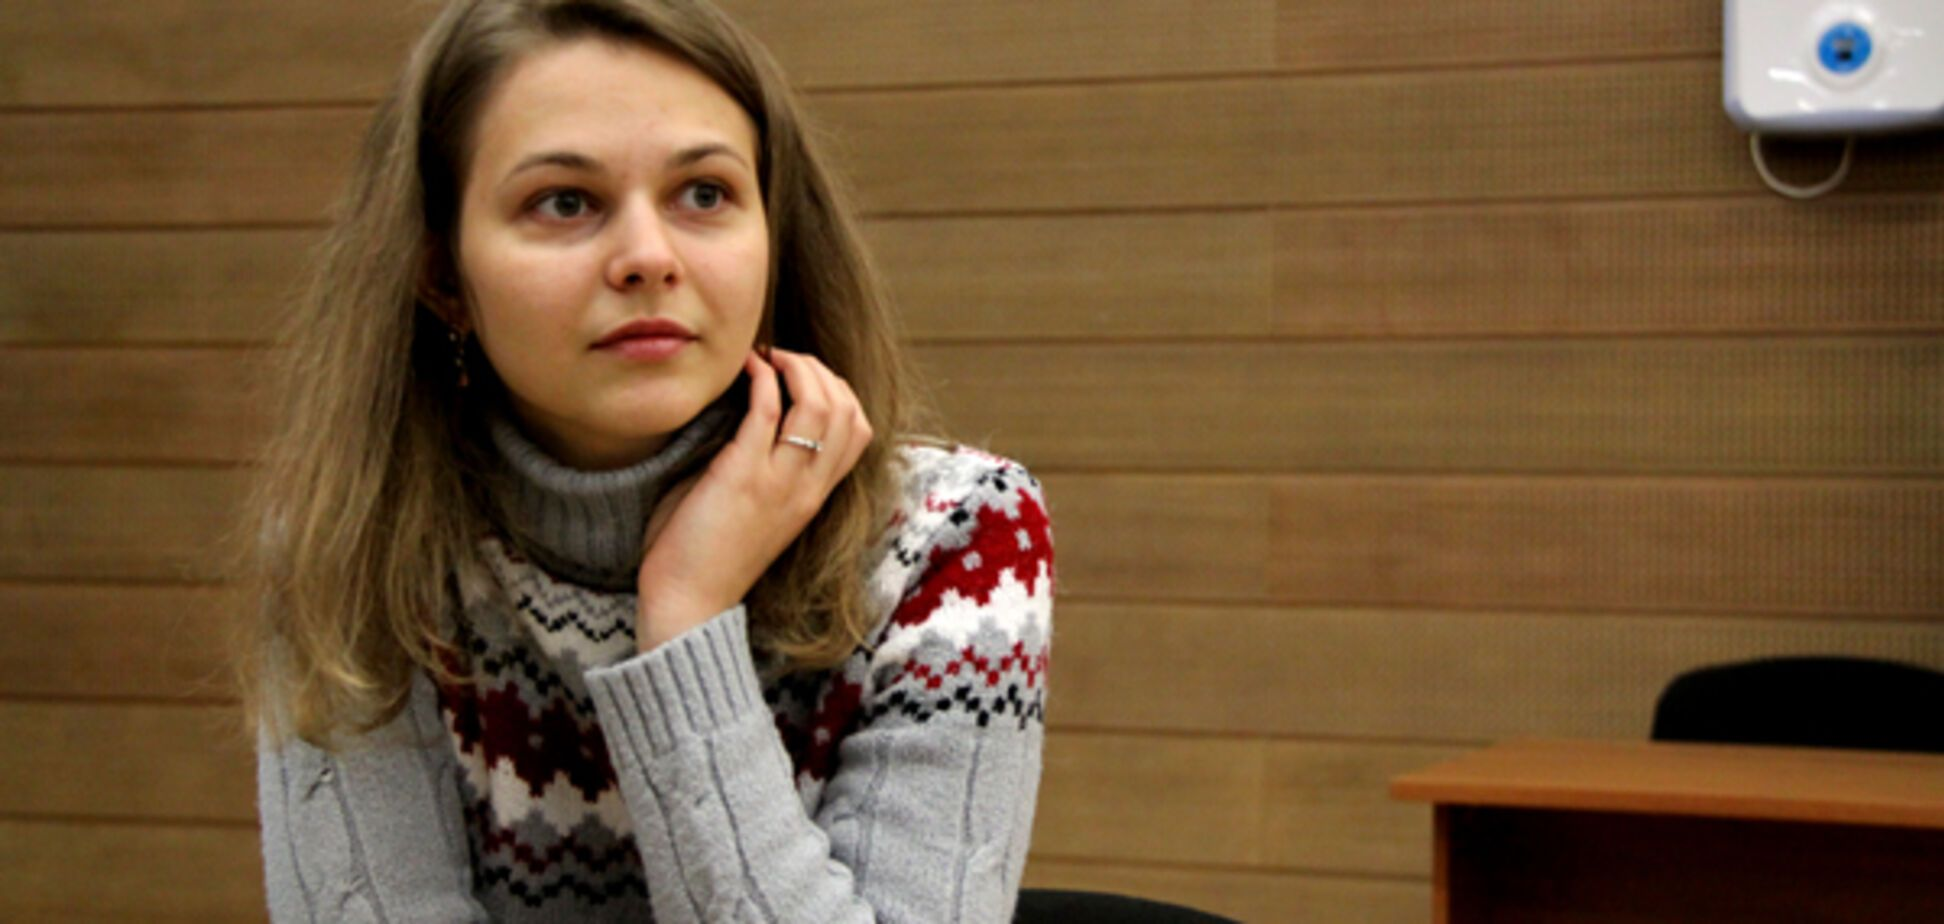 'Свобода выбора и самоуважение': украинская чемпионка откровенно высказалась о бойкоте чемпионата мира